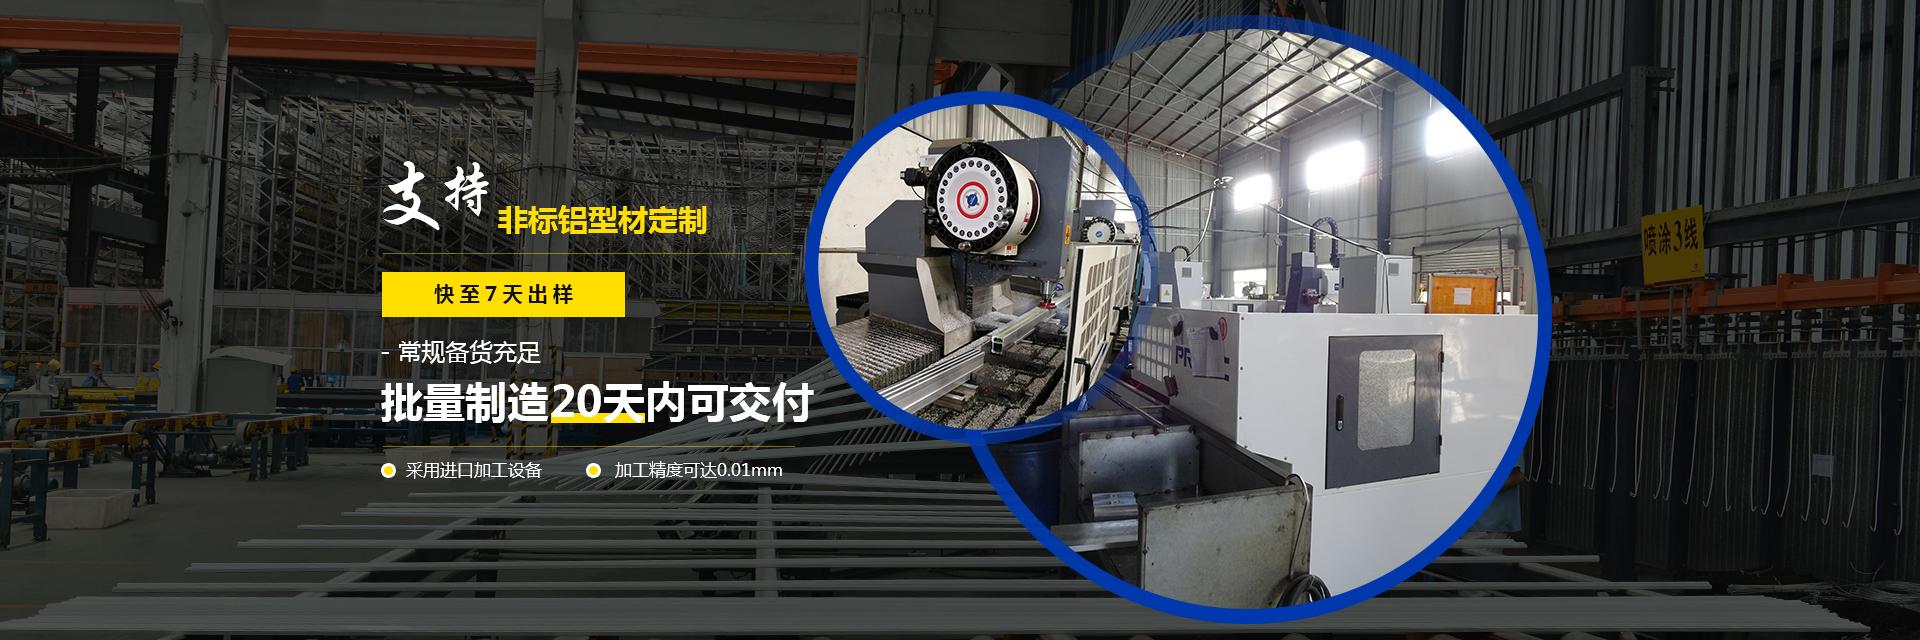 铝型材加工厂